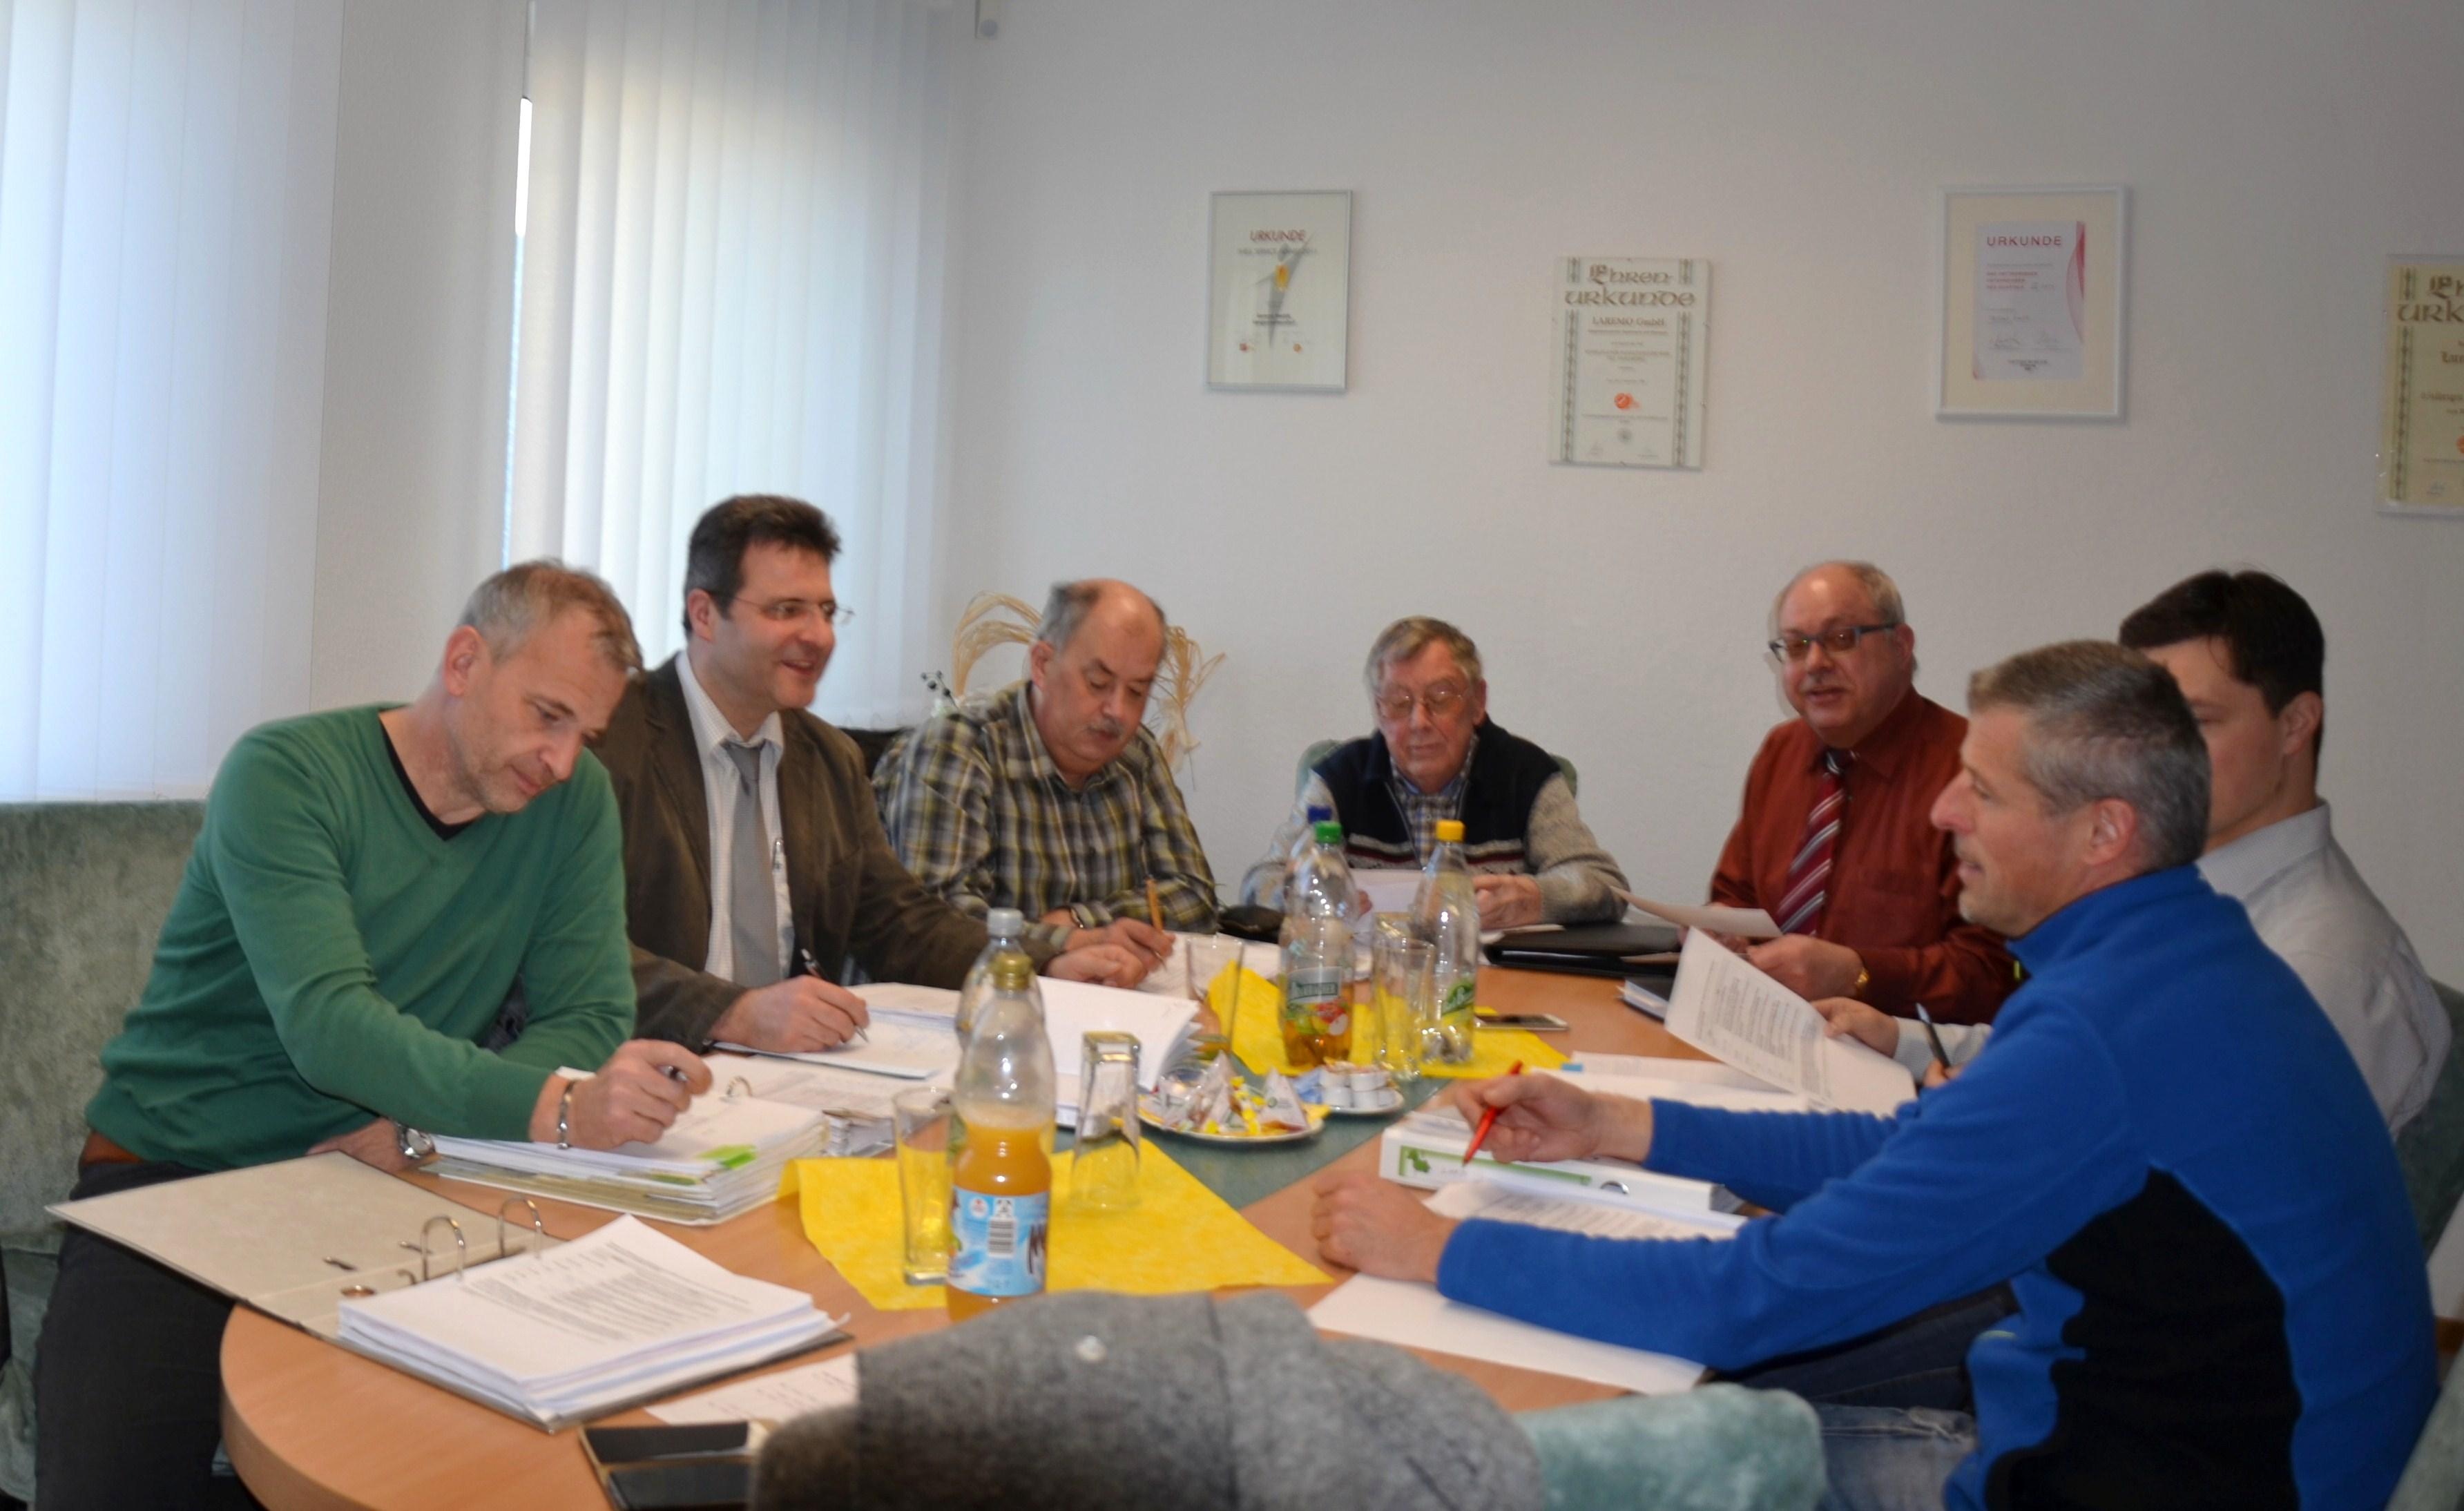 Arbeitsgruppensitzung am 27.02.2015 in der LAREMO GmbH in Langenwetzendorf